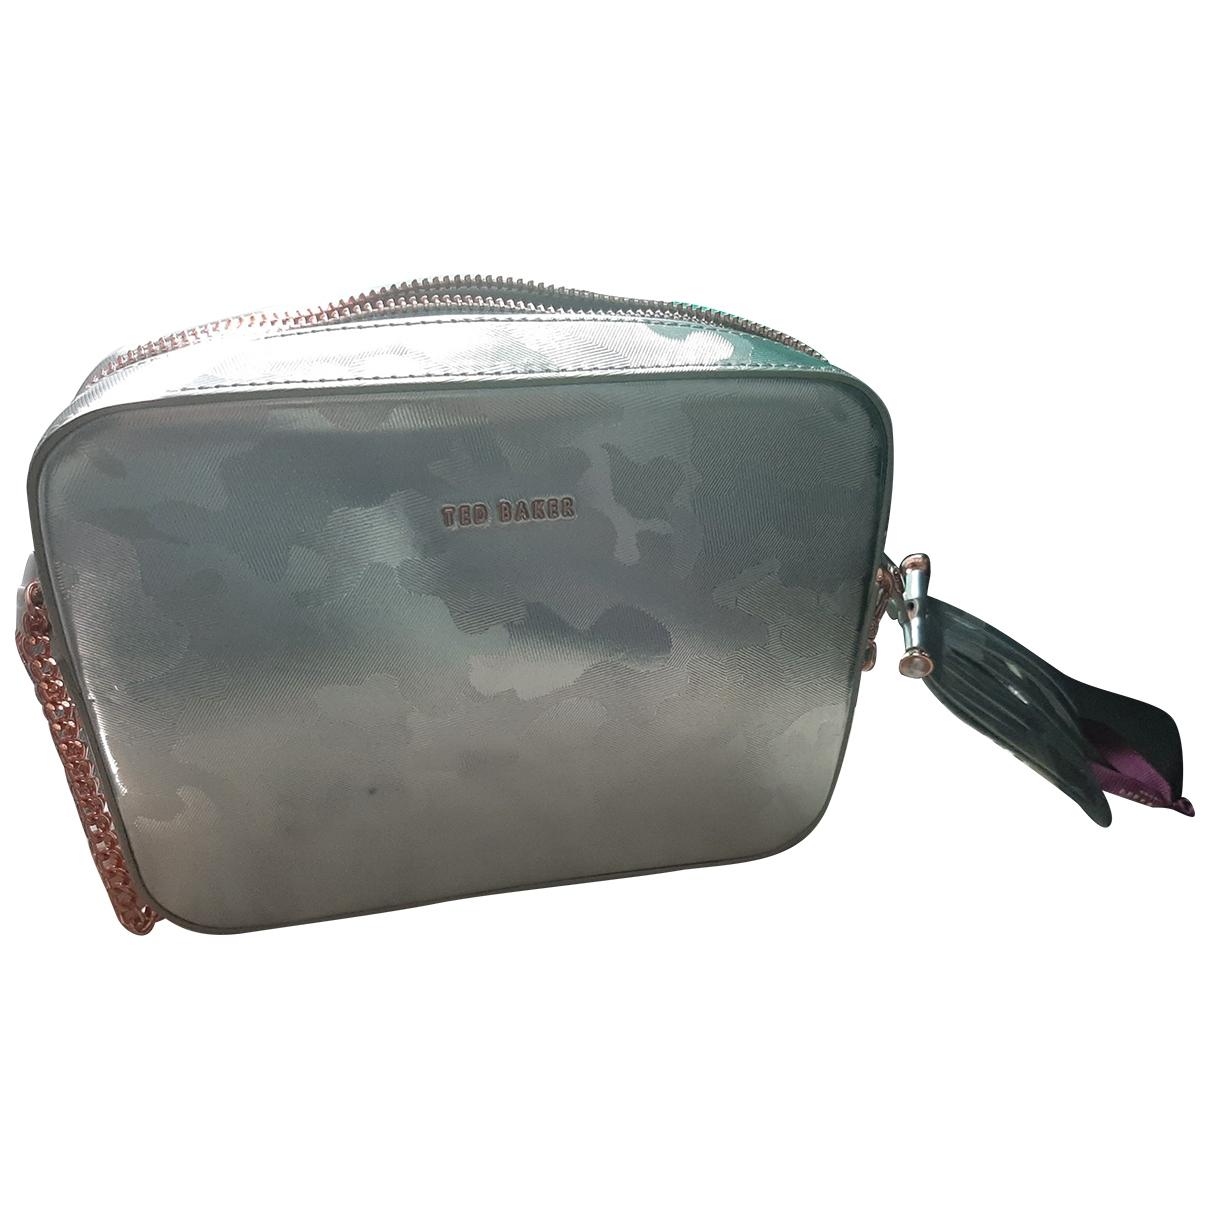 Ted Baker \N Handtasche in  Grau Leder